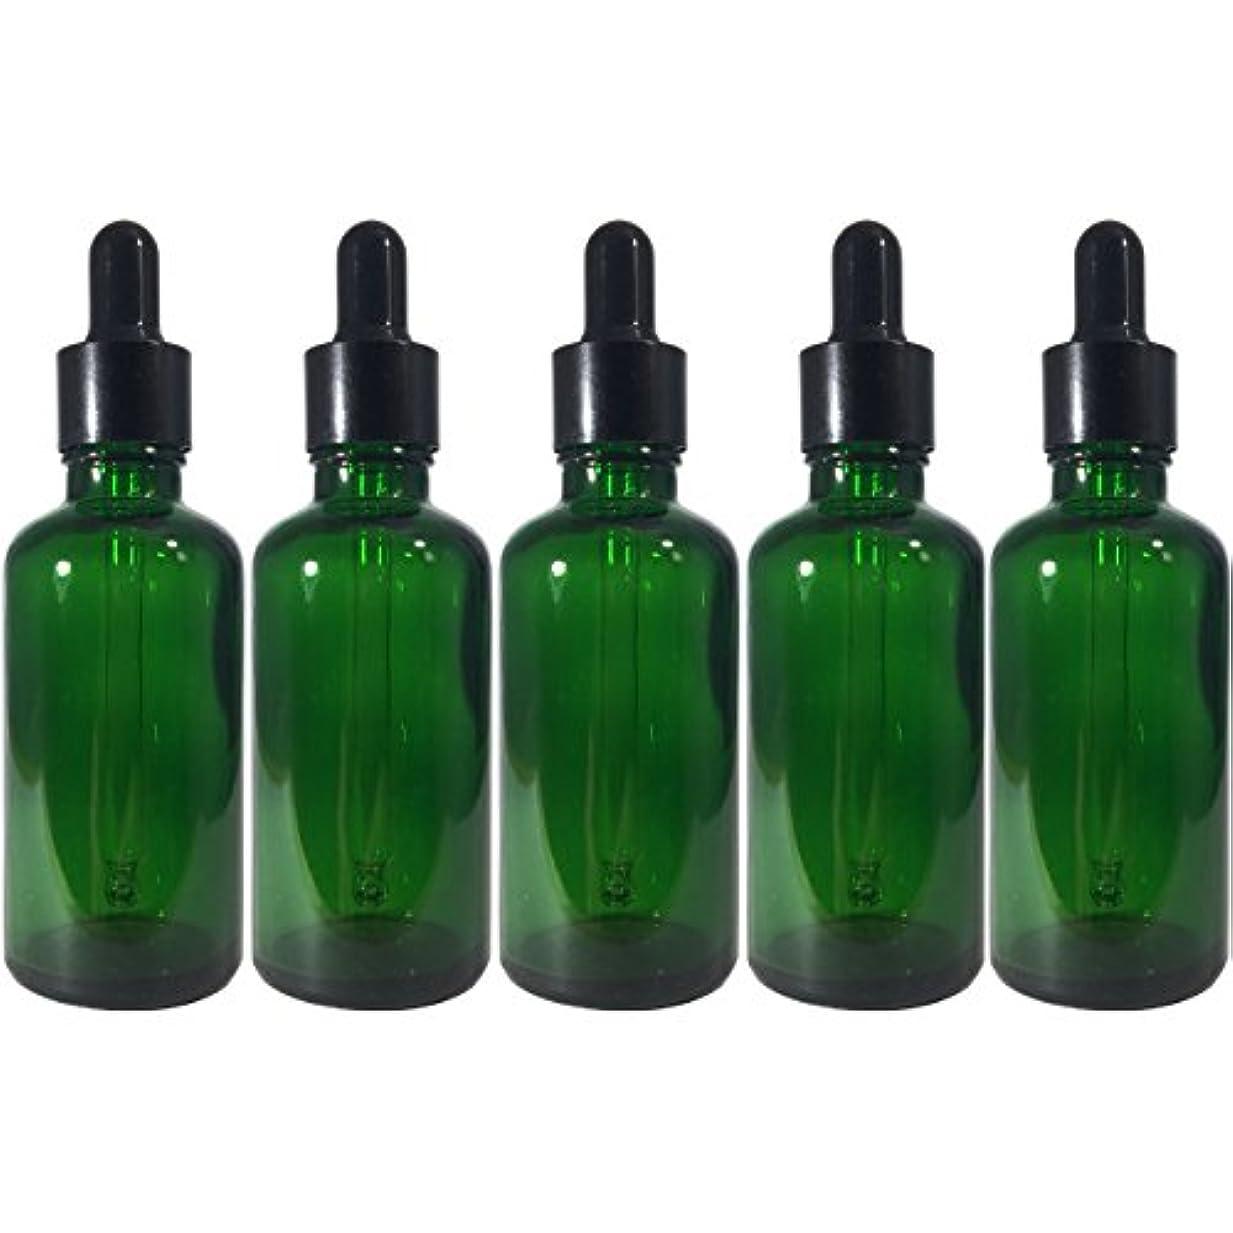 トリクル予測子複雑でないスポイト 付き 遮光瓶 5本セット ガラス製 アロマオイル エッセンシャルオイル アロマ 遮光ビン 保存用 精油 ガラスボトル 保存容器詰め替え 緑 グリーン (50ml)